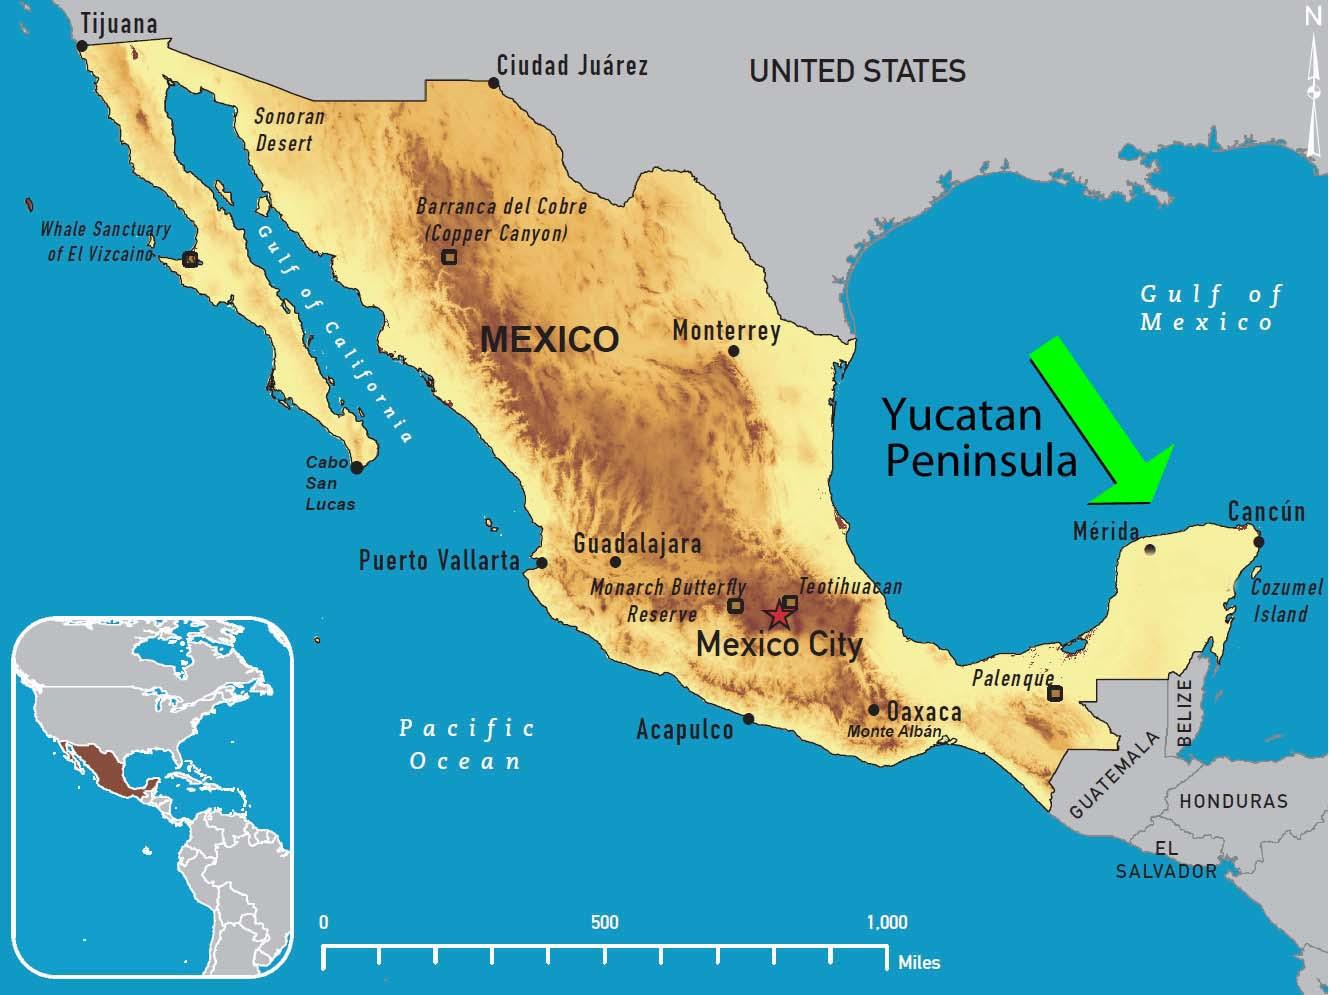 Yucatan Peninsula Map Yucatan Peninsula On World Map ~ AFP CV Yucatan Peninsula Map